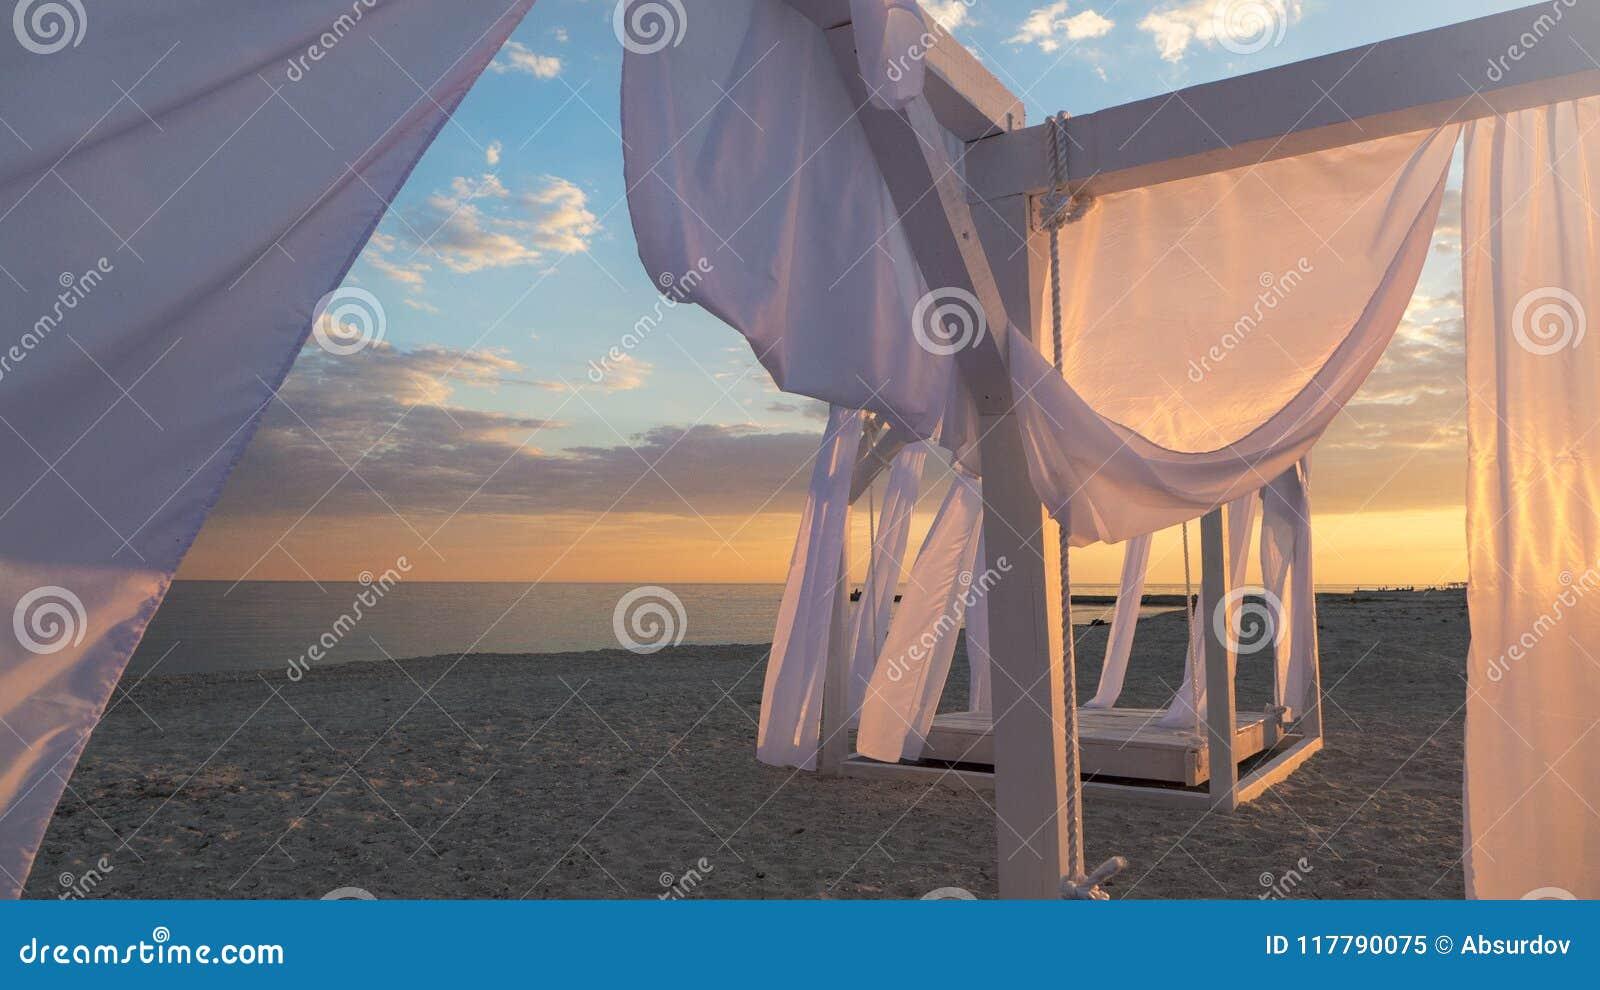 https fr dreamstime com jette tente les rideaux blancs en tissu brise bord mer vent image117790075